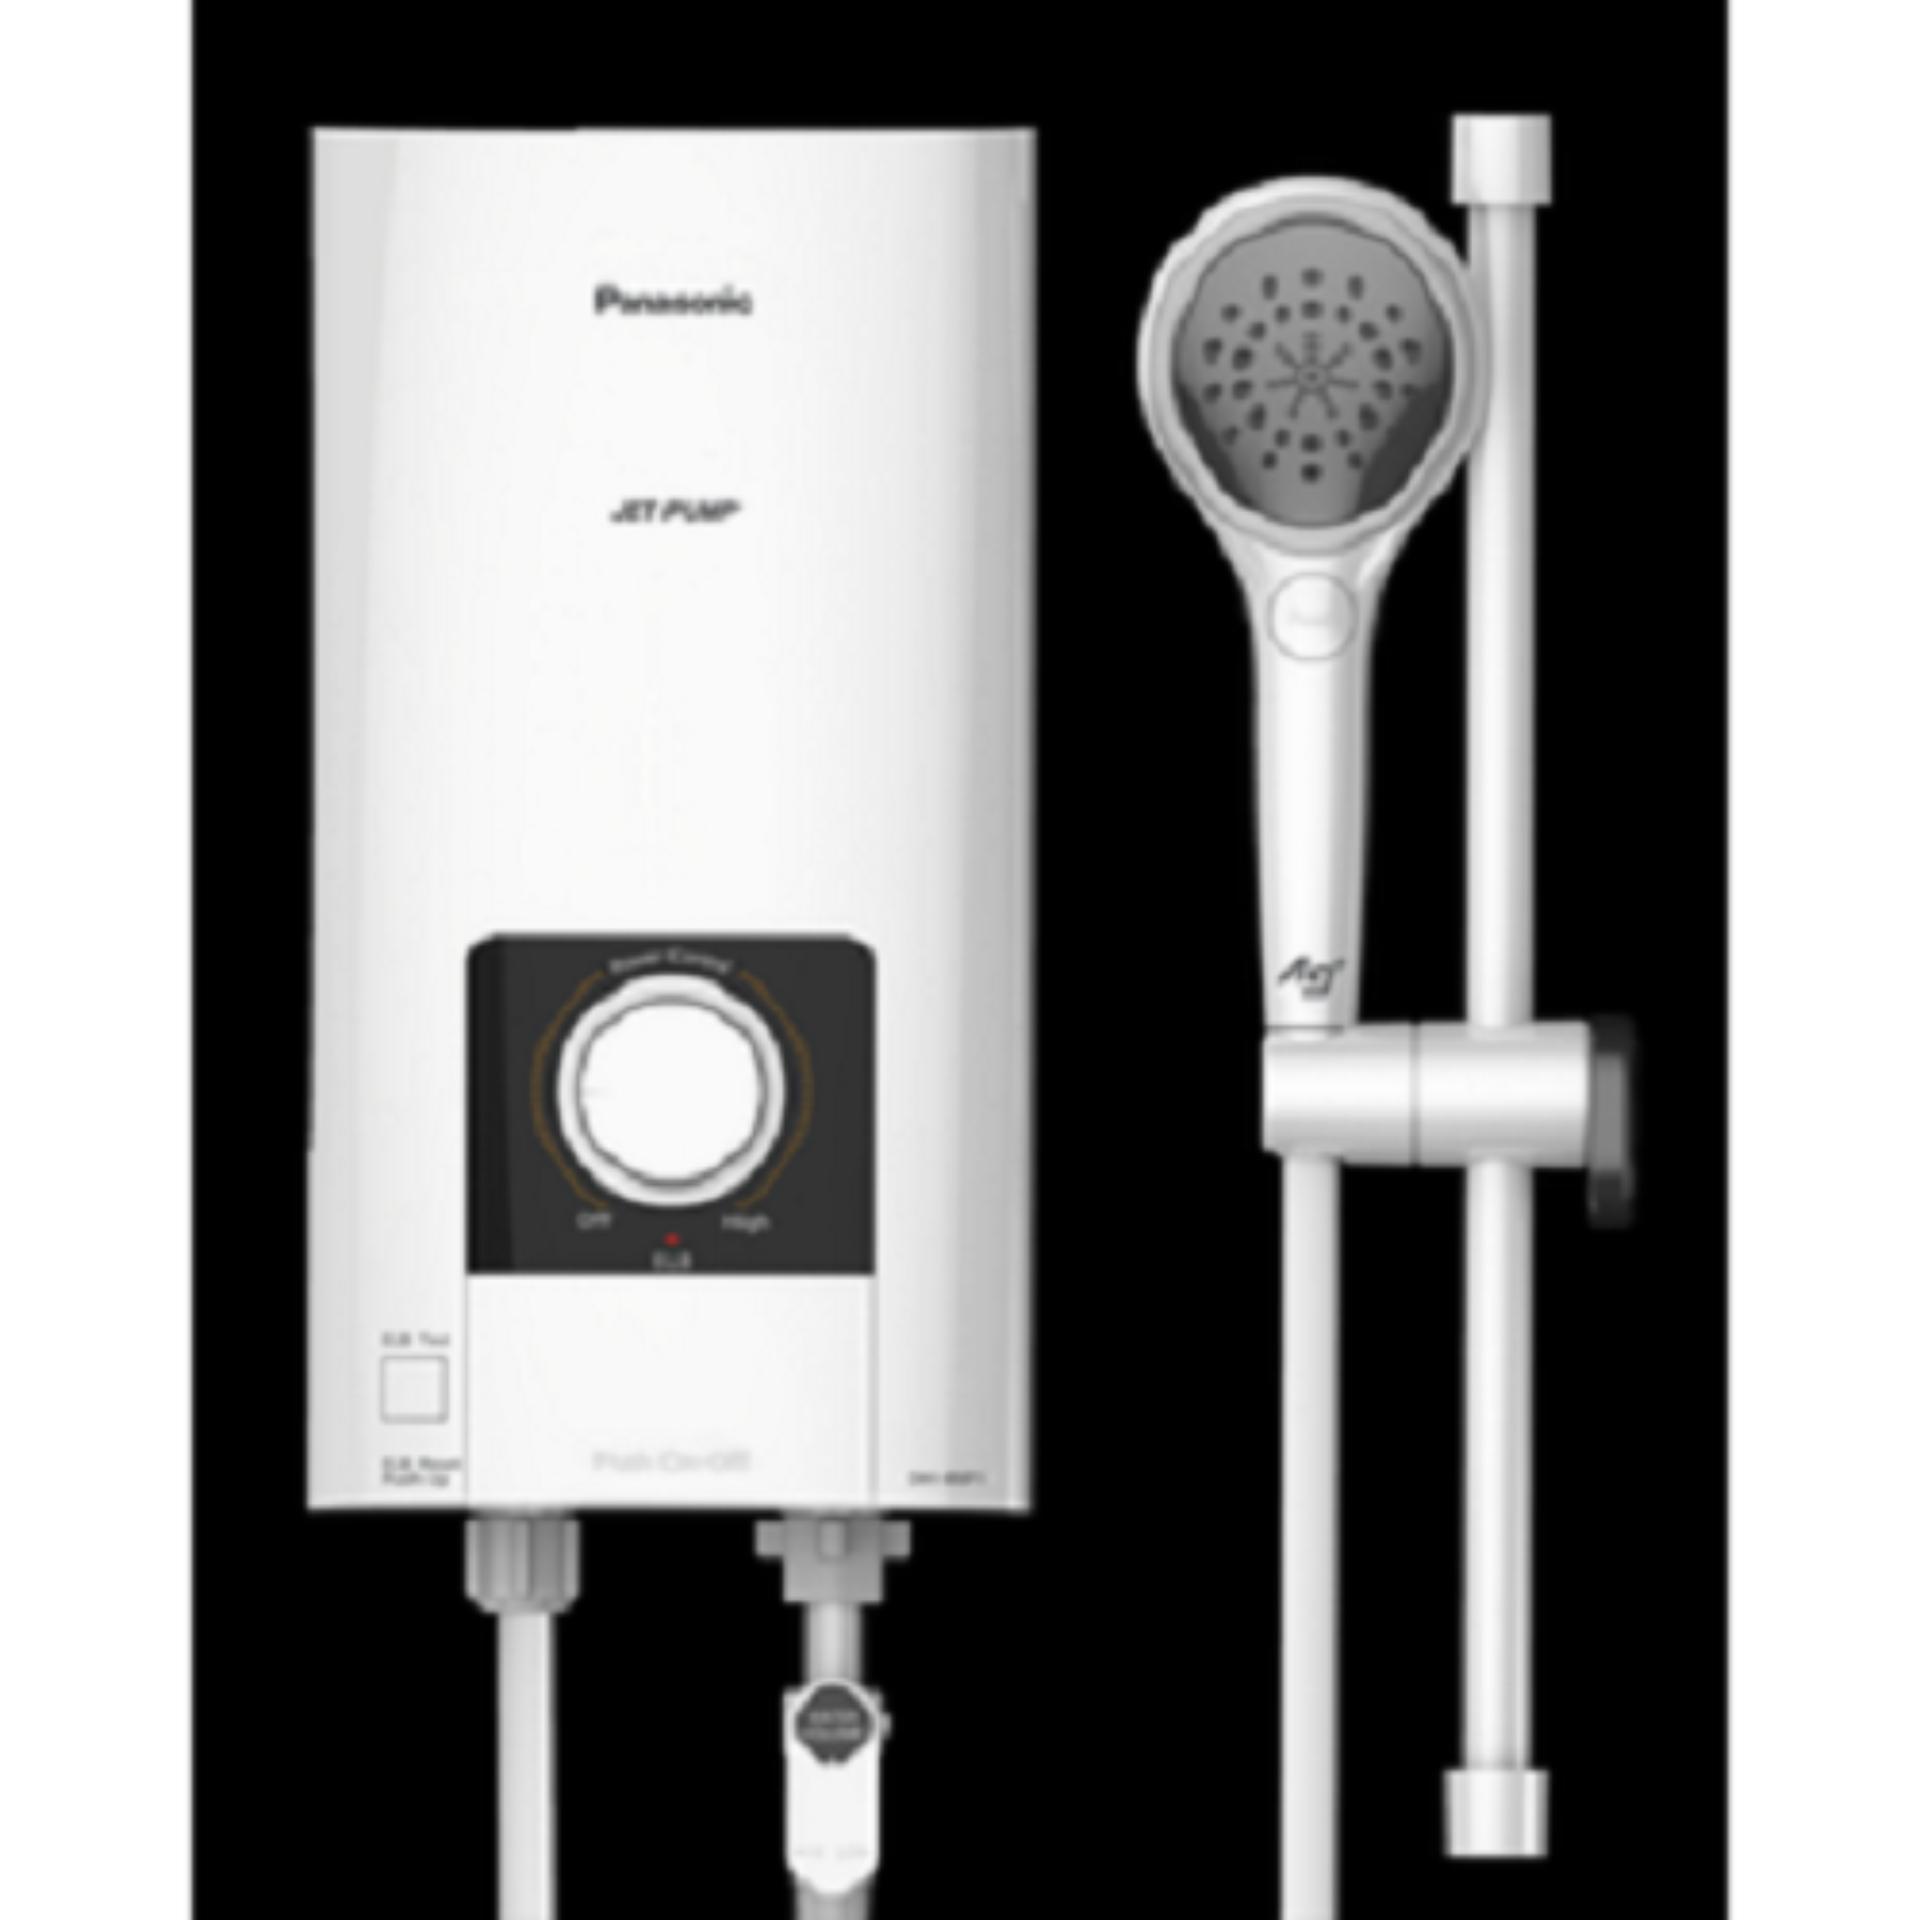 Giá Máy nước nóng Panasonic DH-4NP1VW